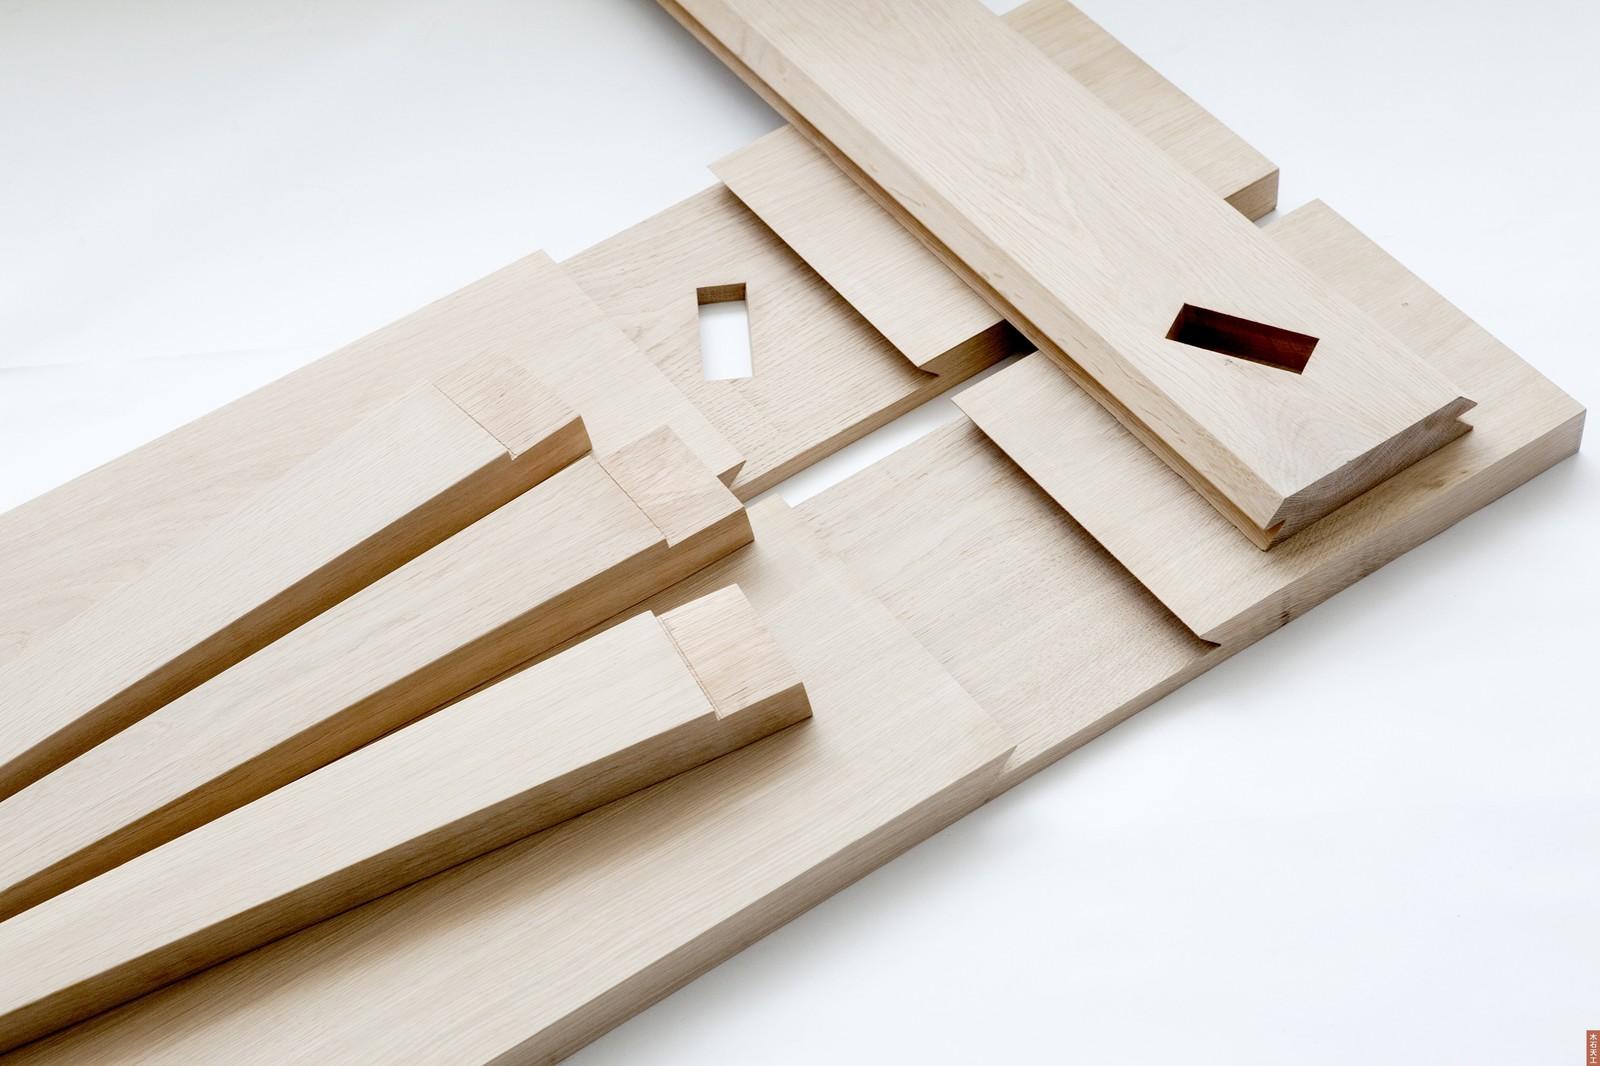 Timber-table-hisheji (6)